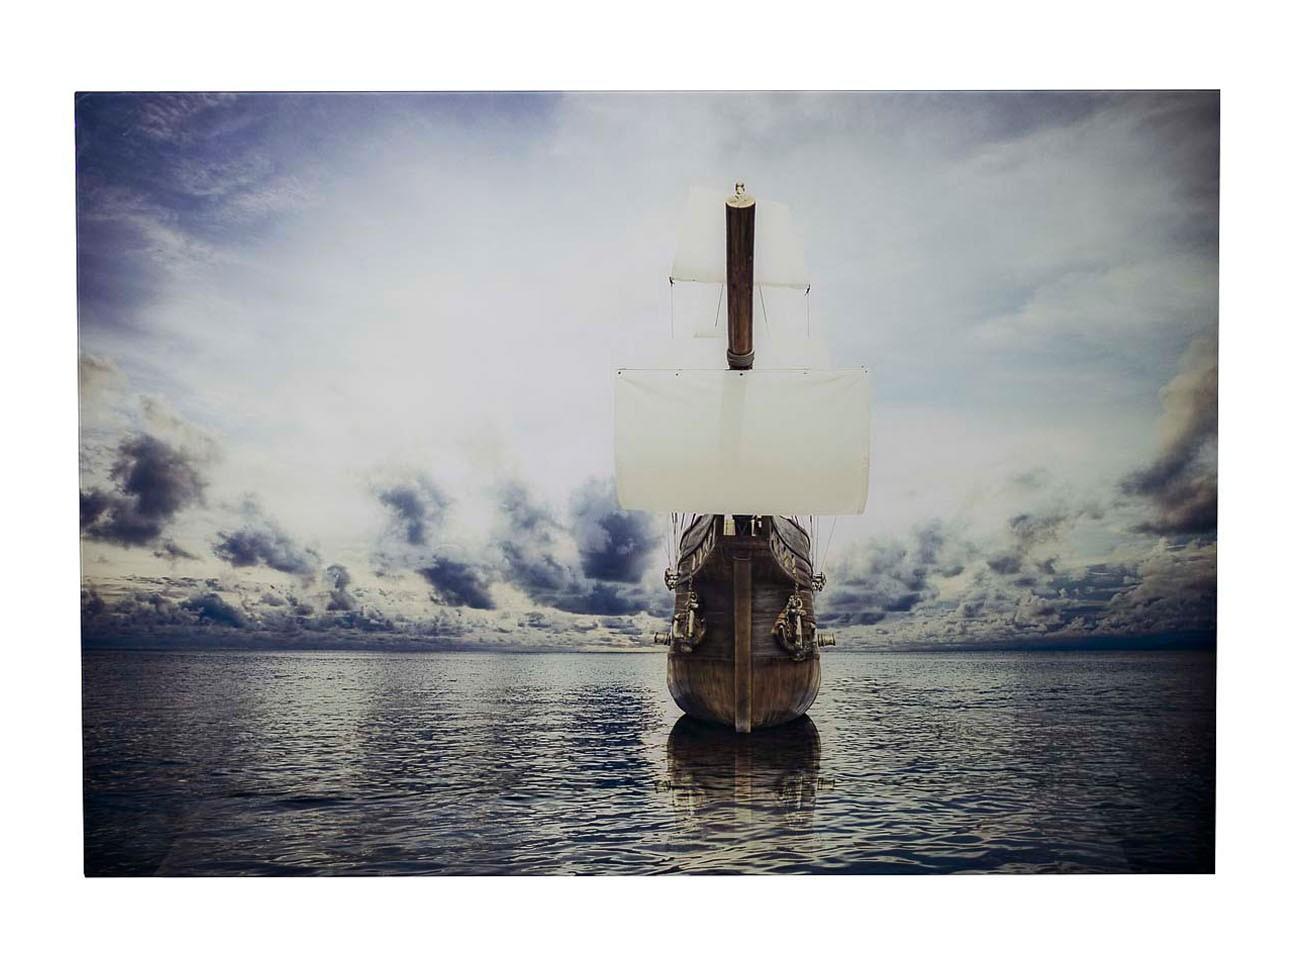 Панно стеклянное КорабльПанно<br>Материал: мдф, стекло.<br><br>Material: МДФ<br>Ширина см: 98<br>Высота см: 68<br>Глубина см: 1